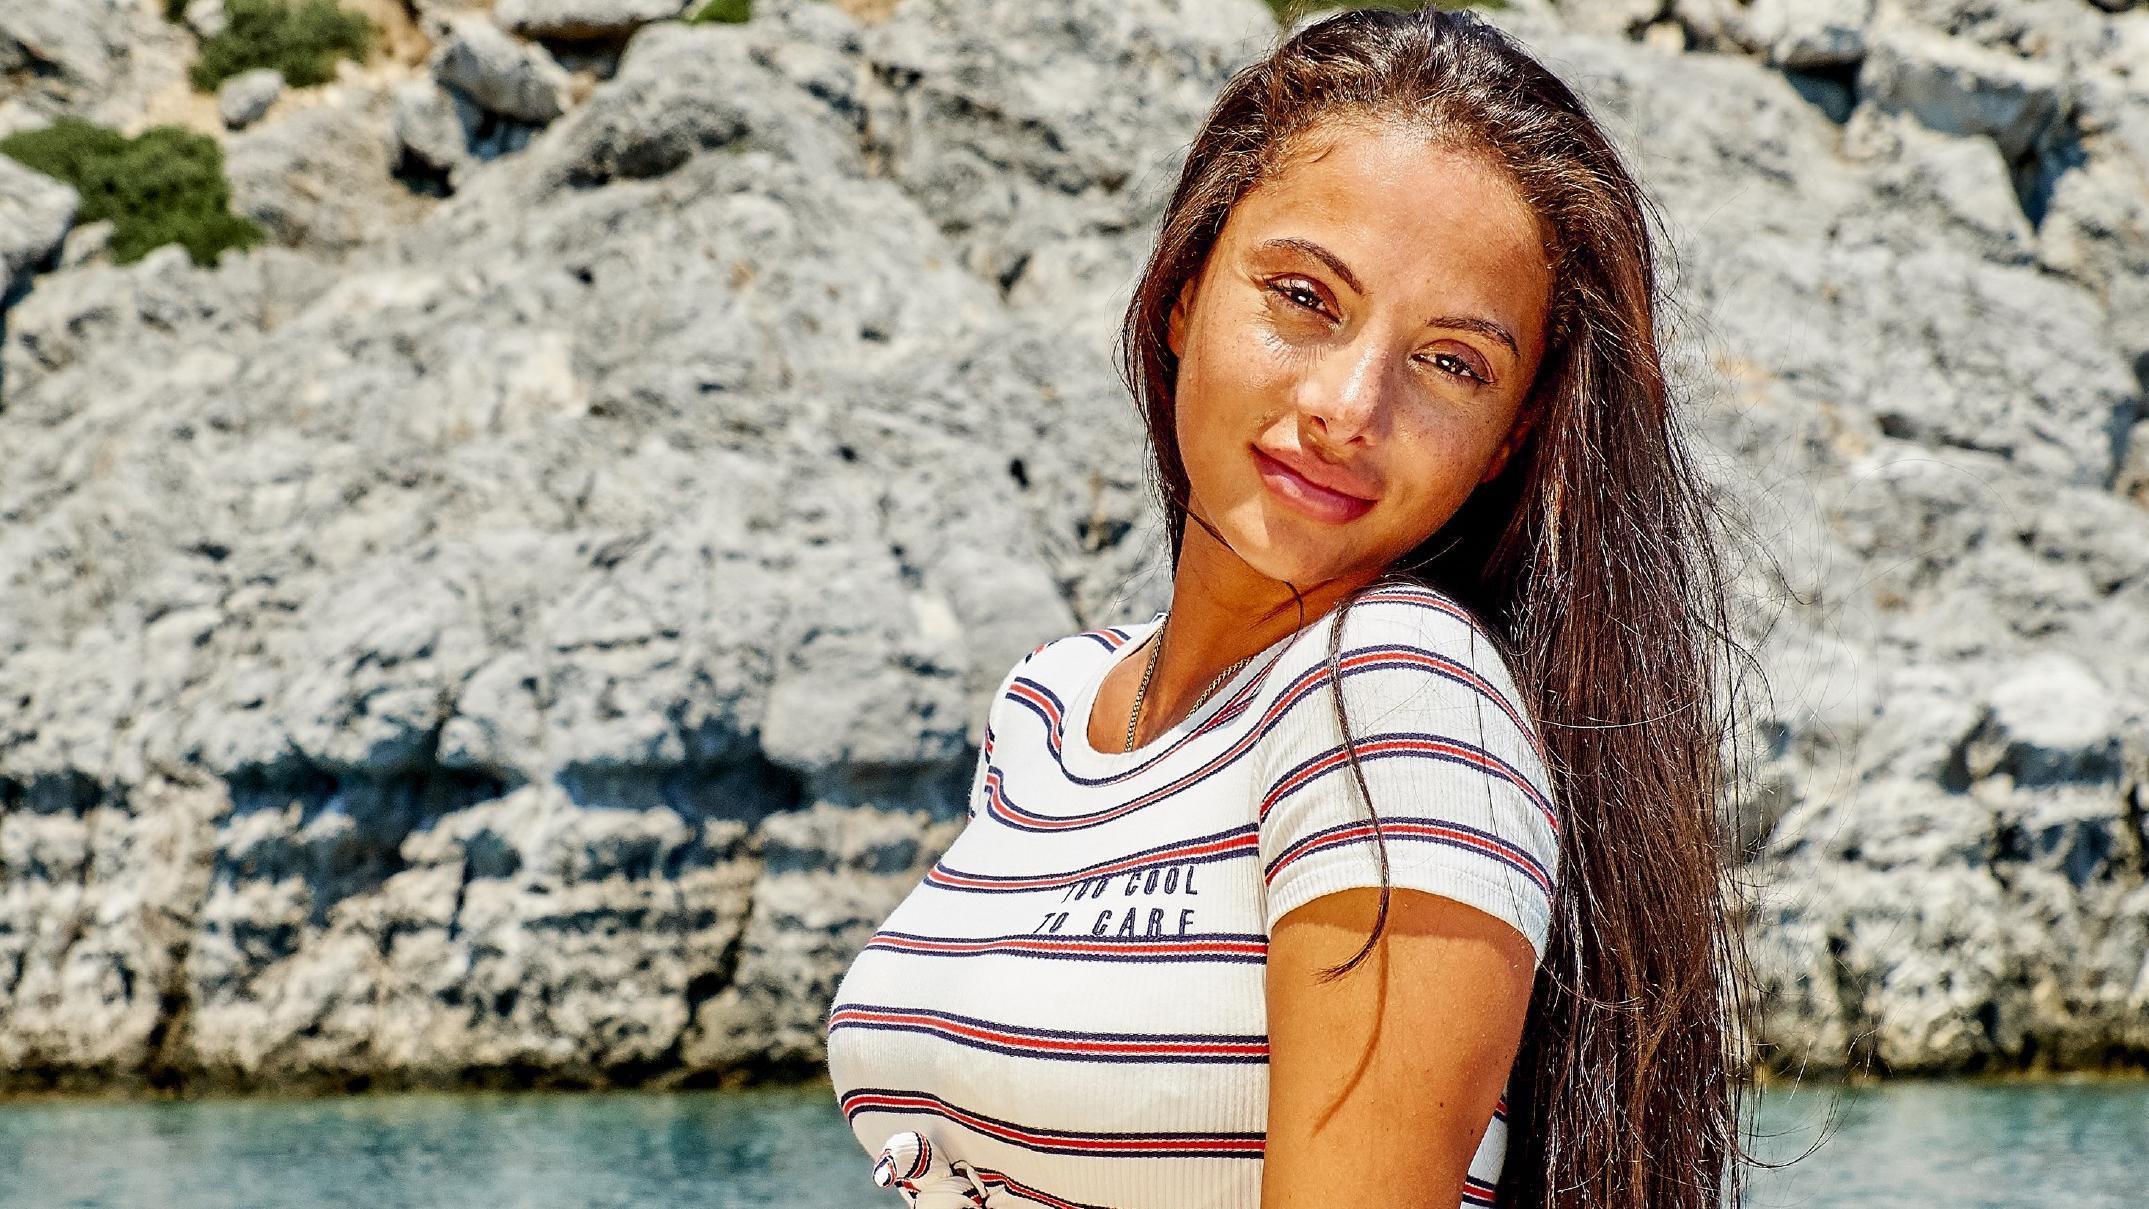 Adam sucht Eva 2018: Emilija Mihailova interessiert sich